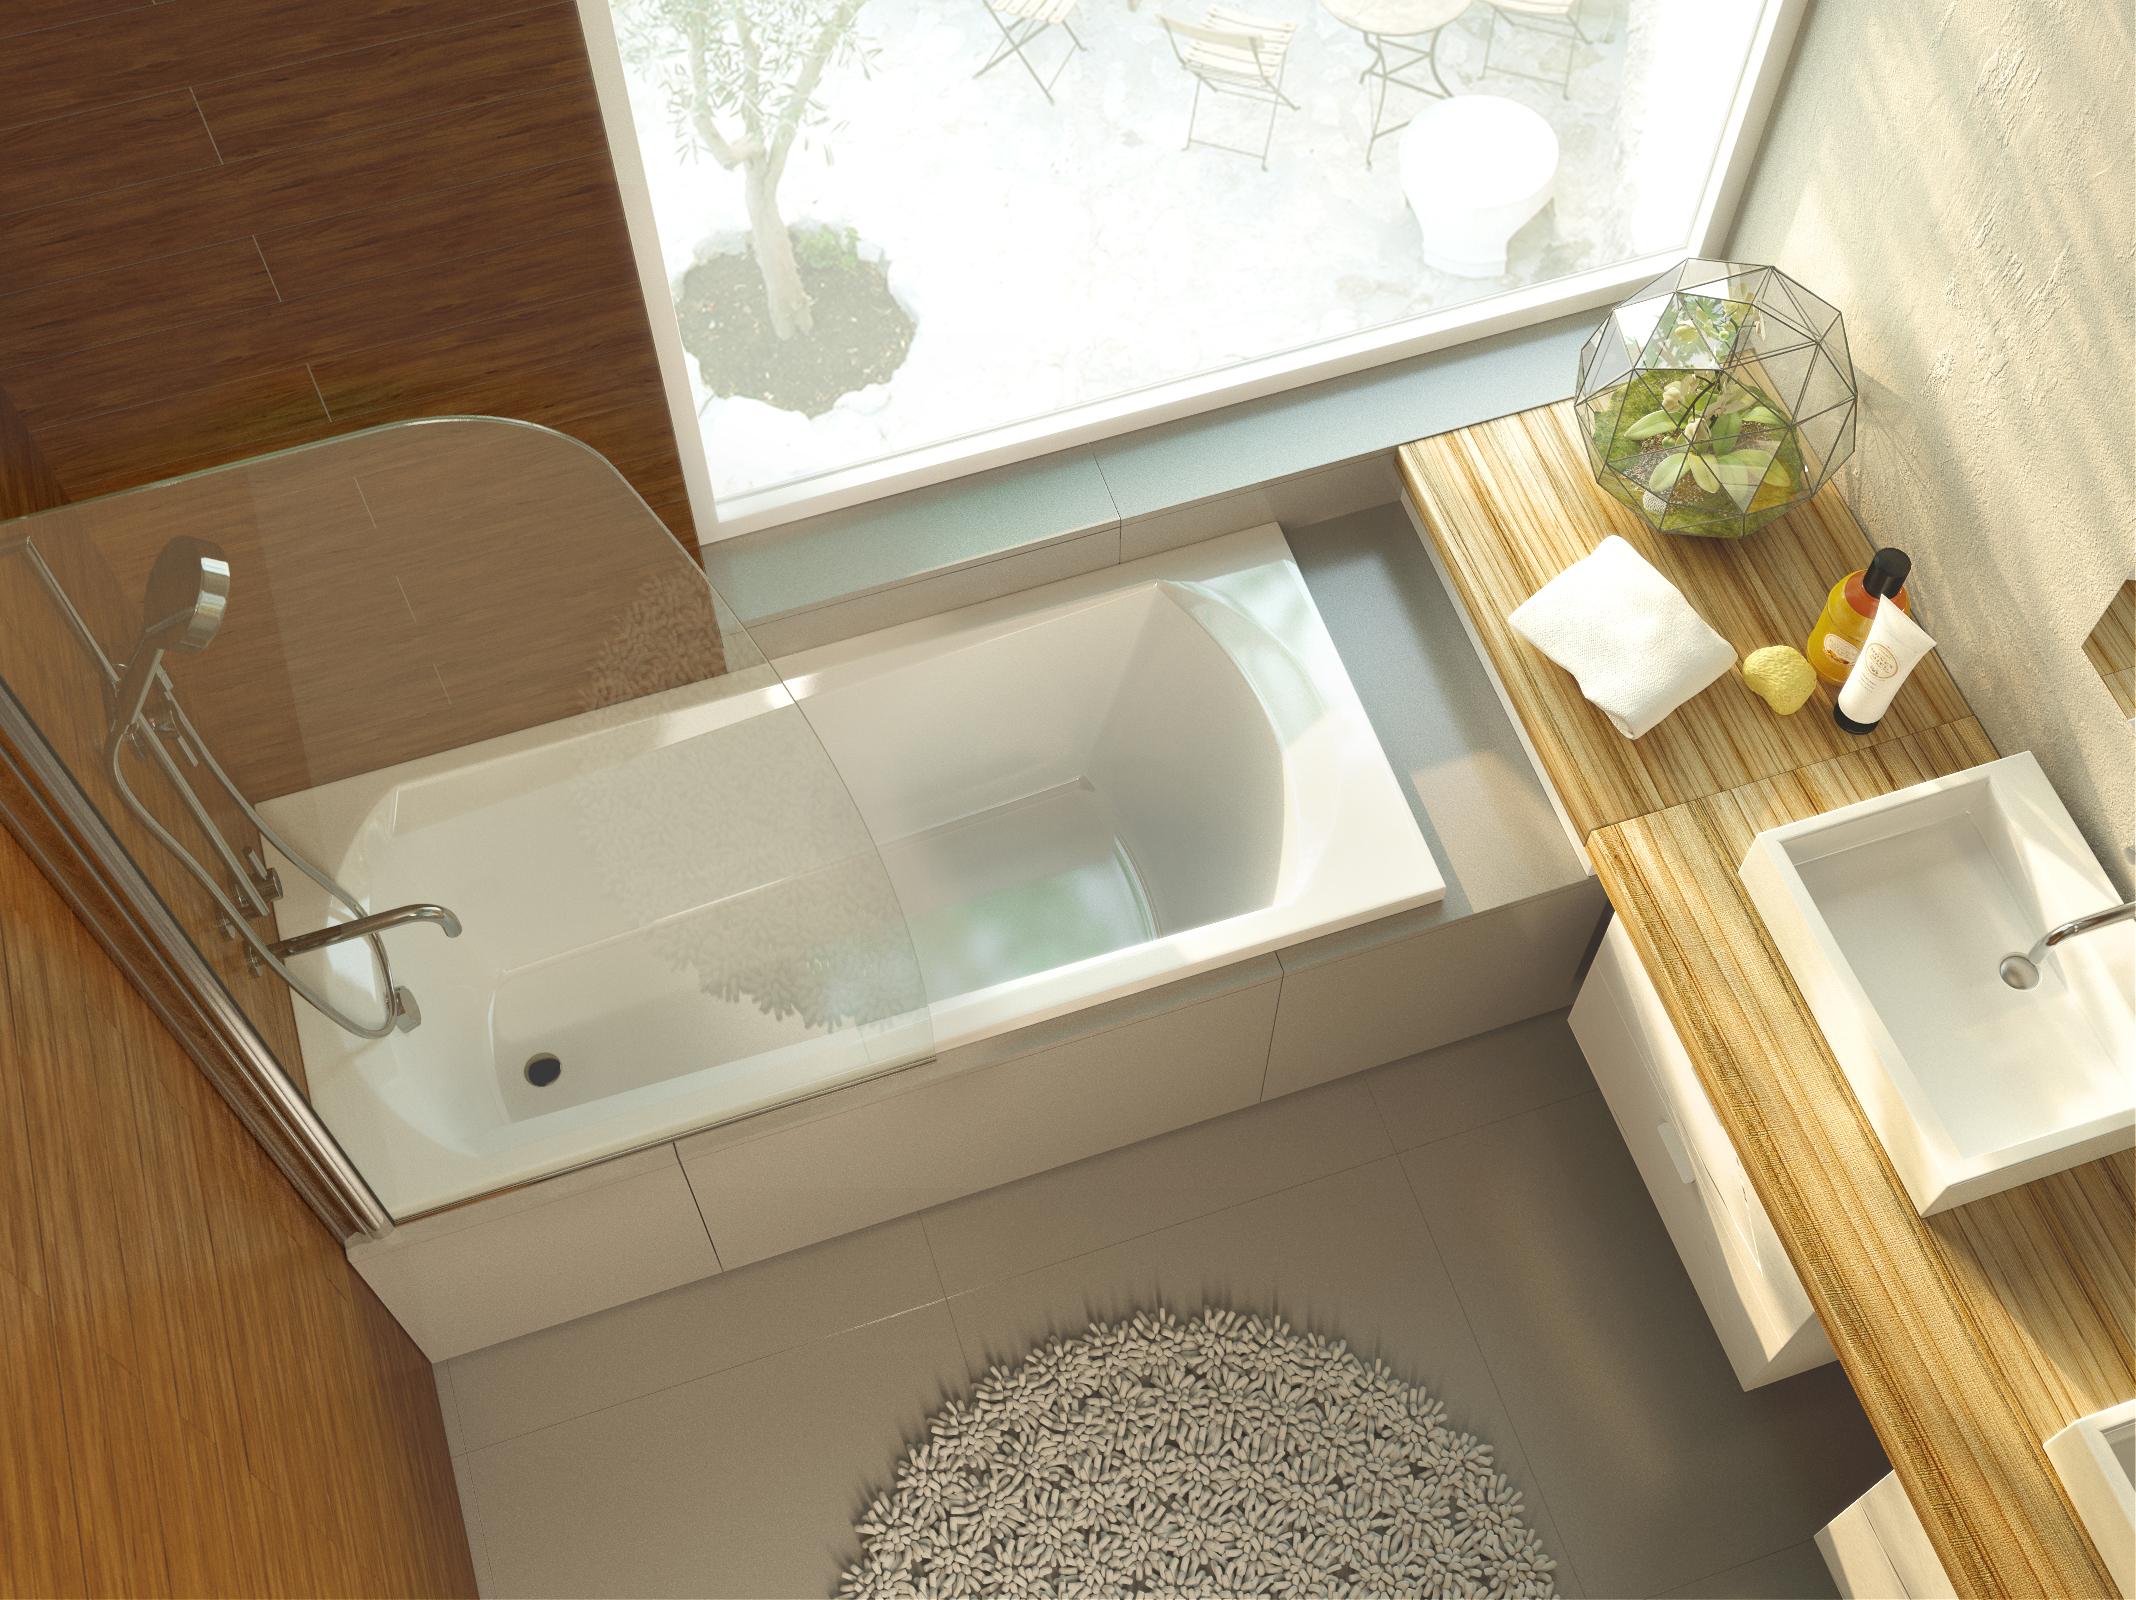 акриловая ванна alpen diana 130x70